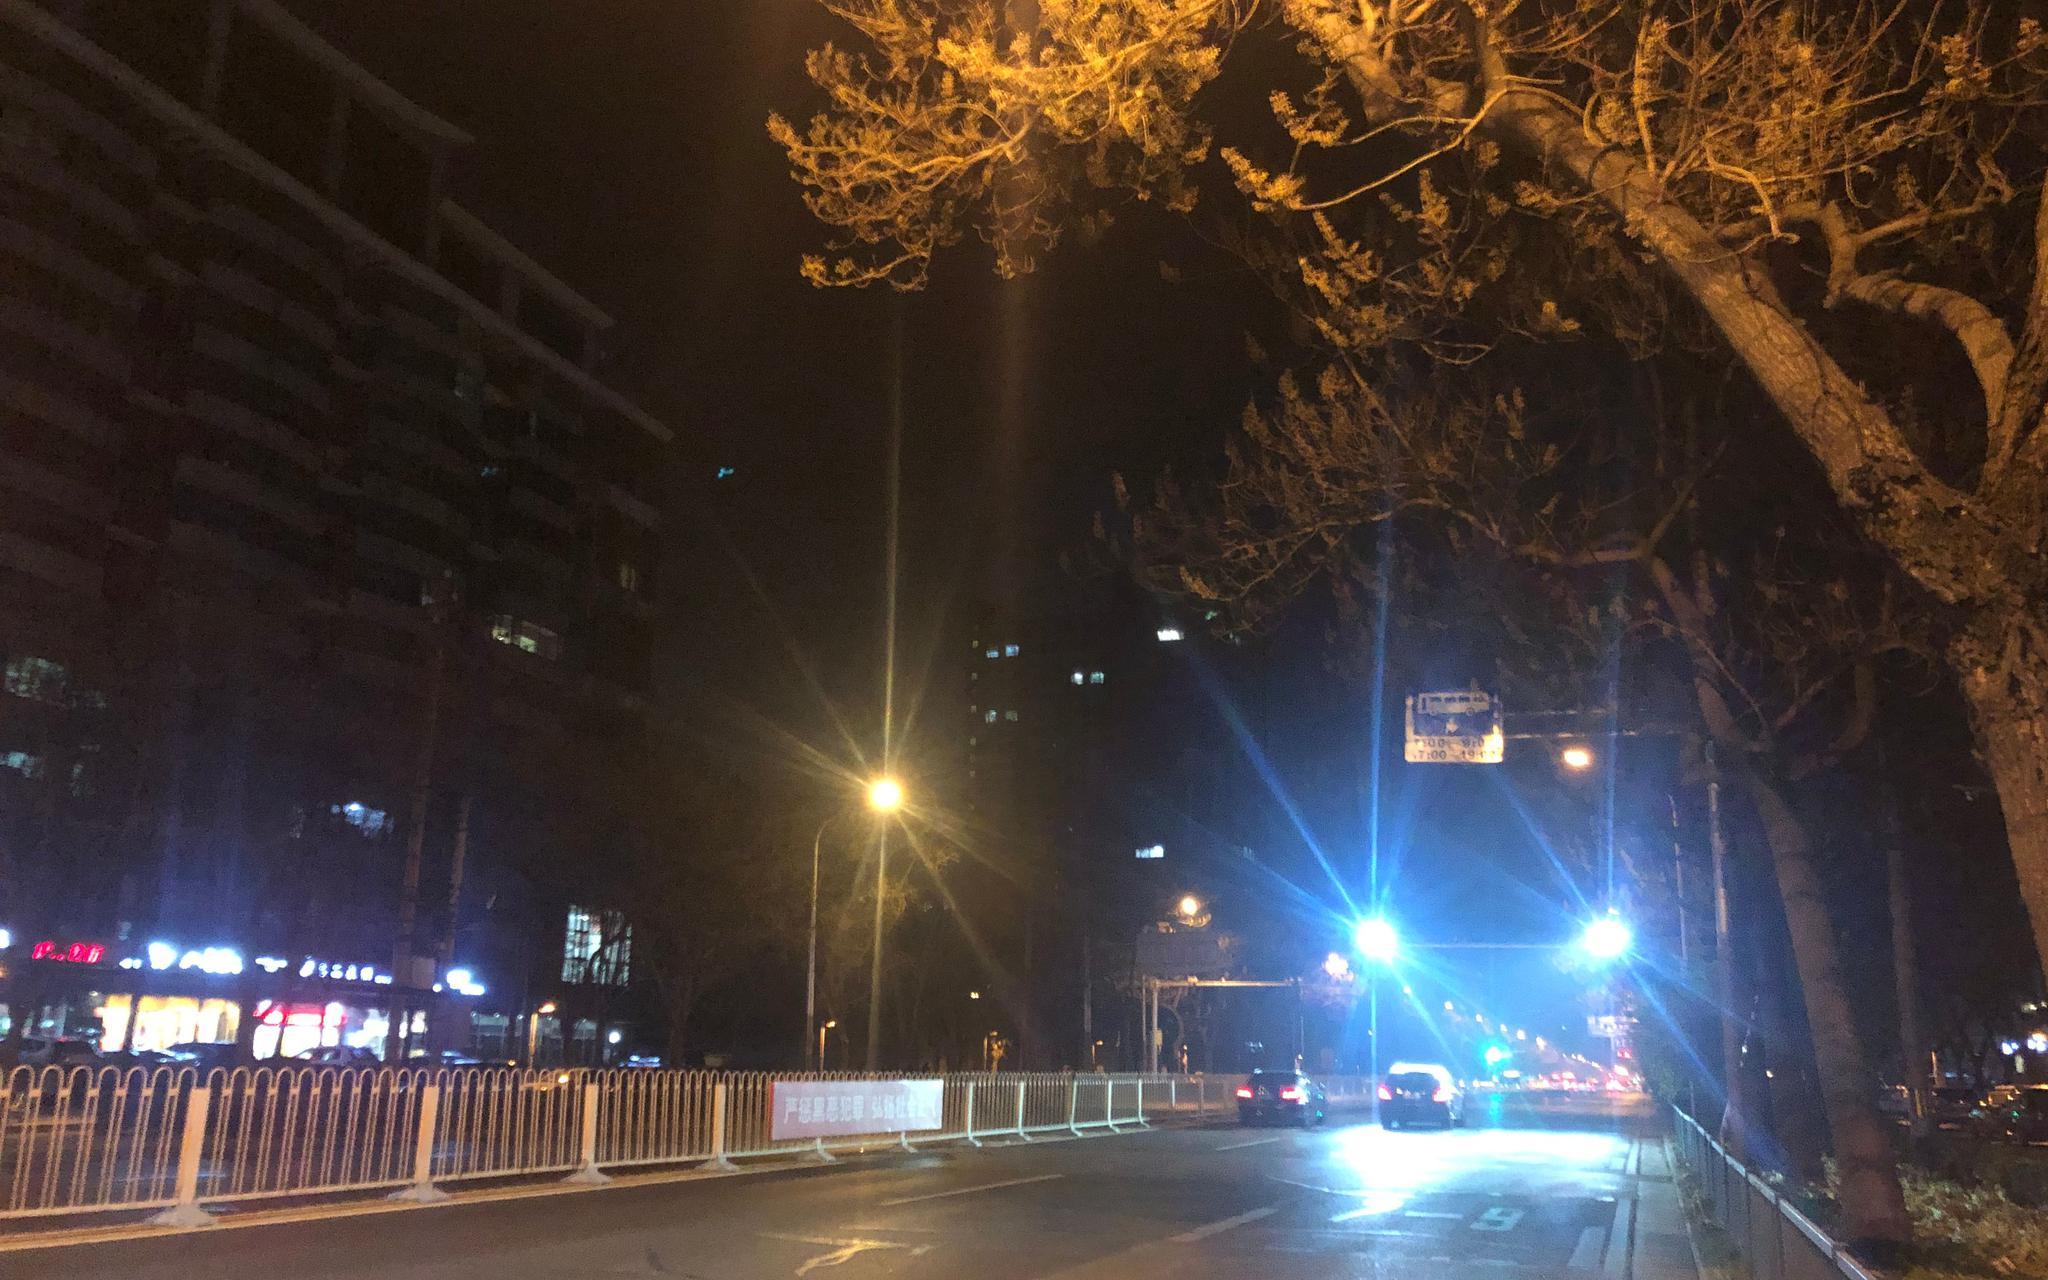 劲松桥东公交车站附近的监控补光灯,有车辆经过时会突然爆闪。摄影/新京报记者罗晓静